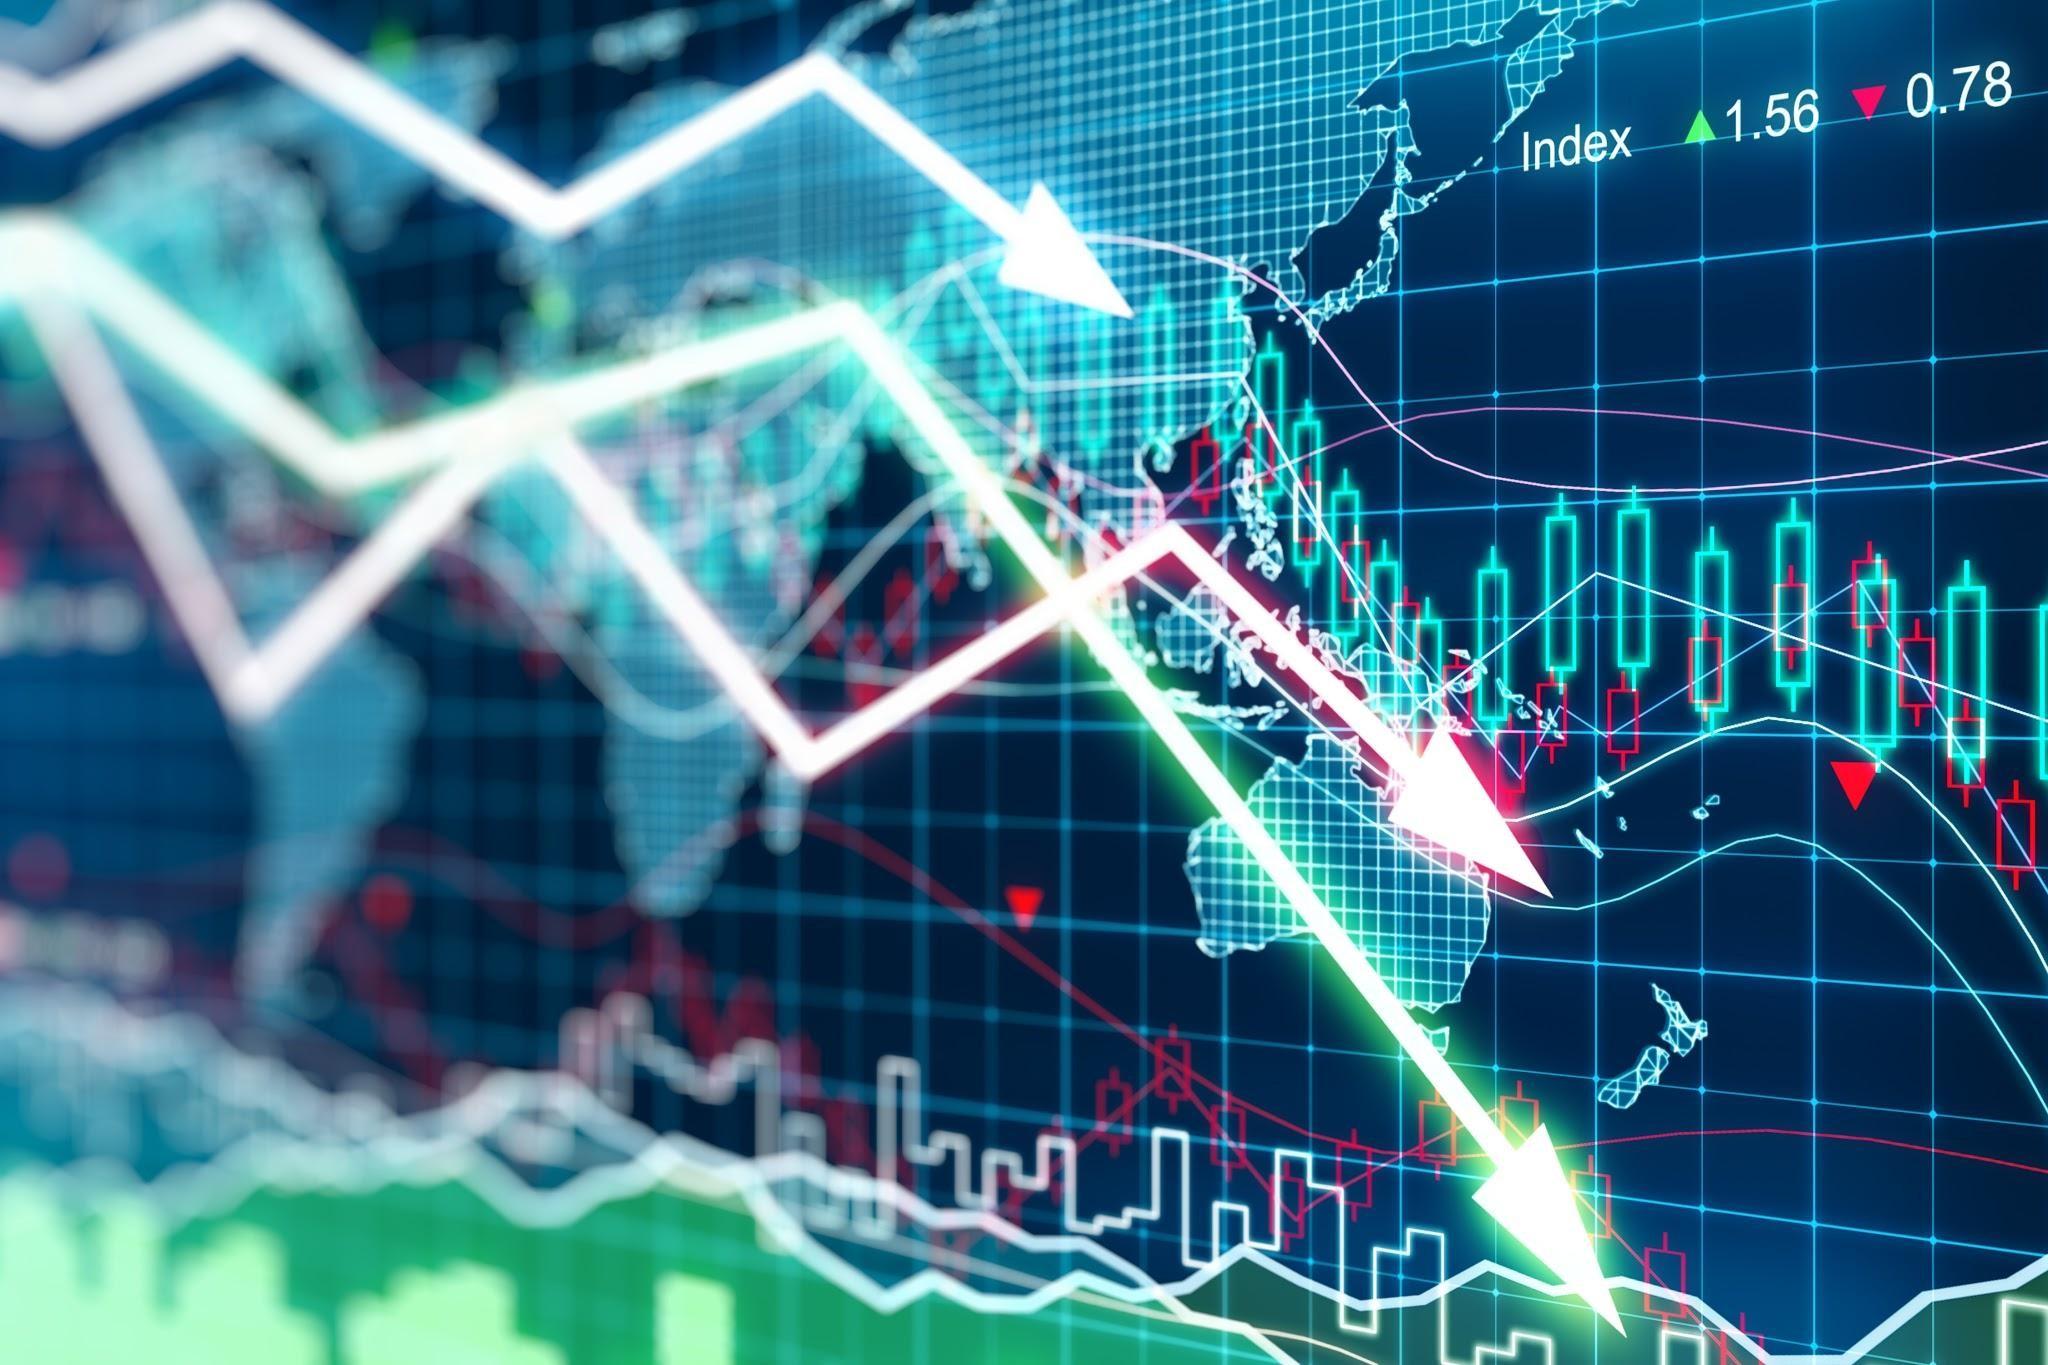 0cb6e7315 Bolsa de valores: o que é, como funciona e como investir | BTG Pactual  digital